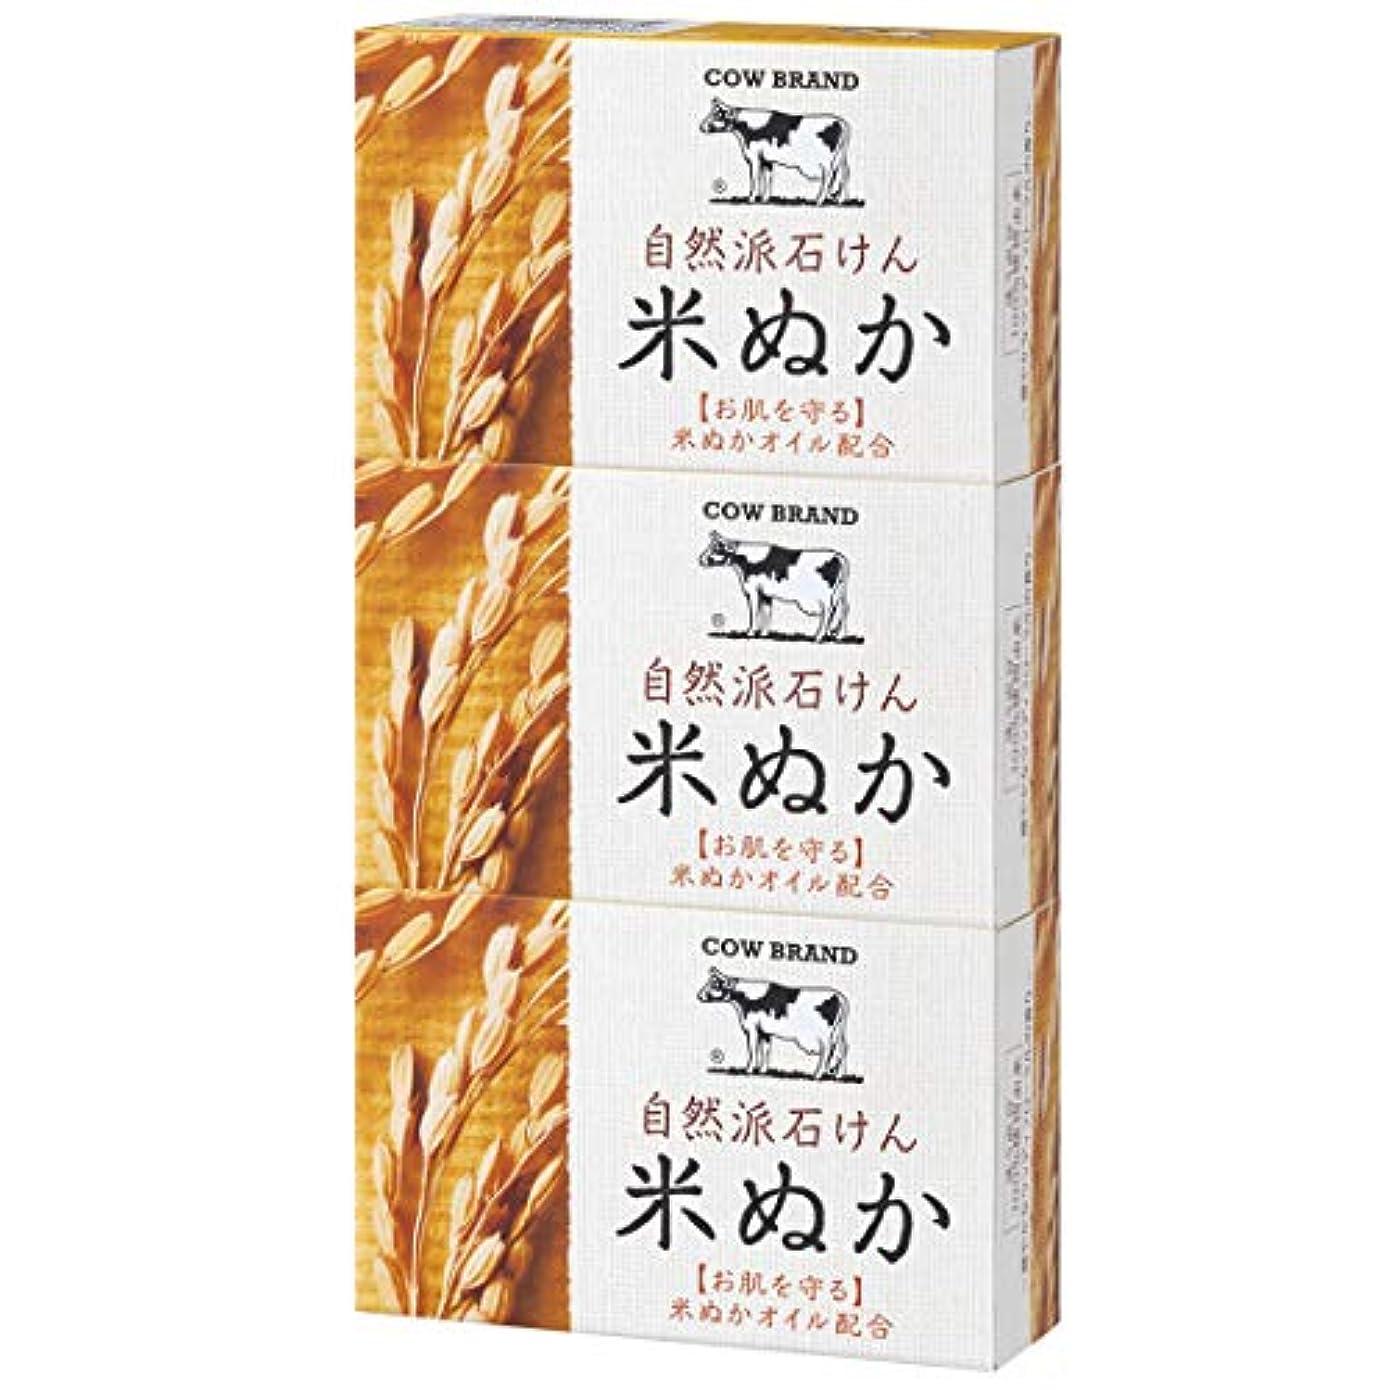 抵抗力がある過度のフライトカウブランド 自然派石けん 米ぬか 100g*3個